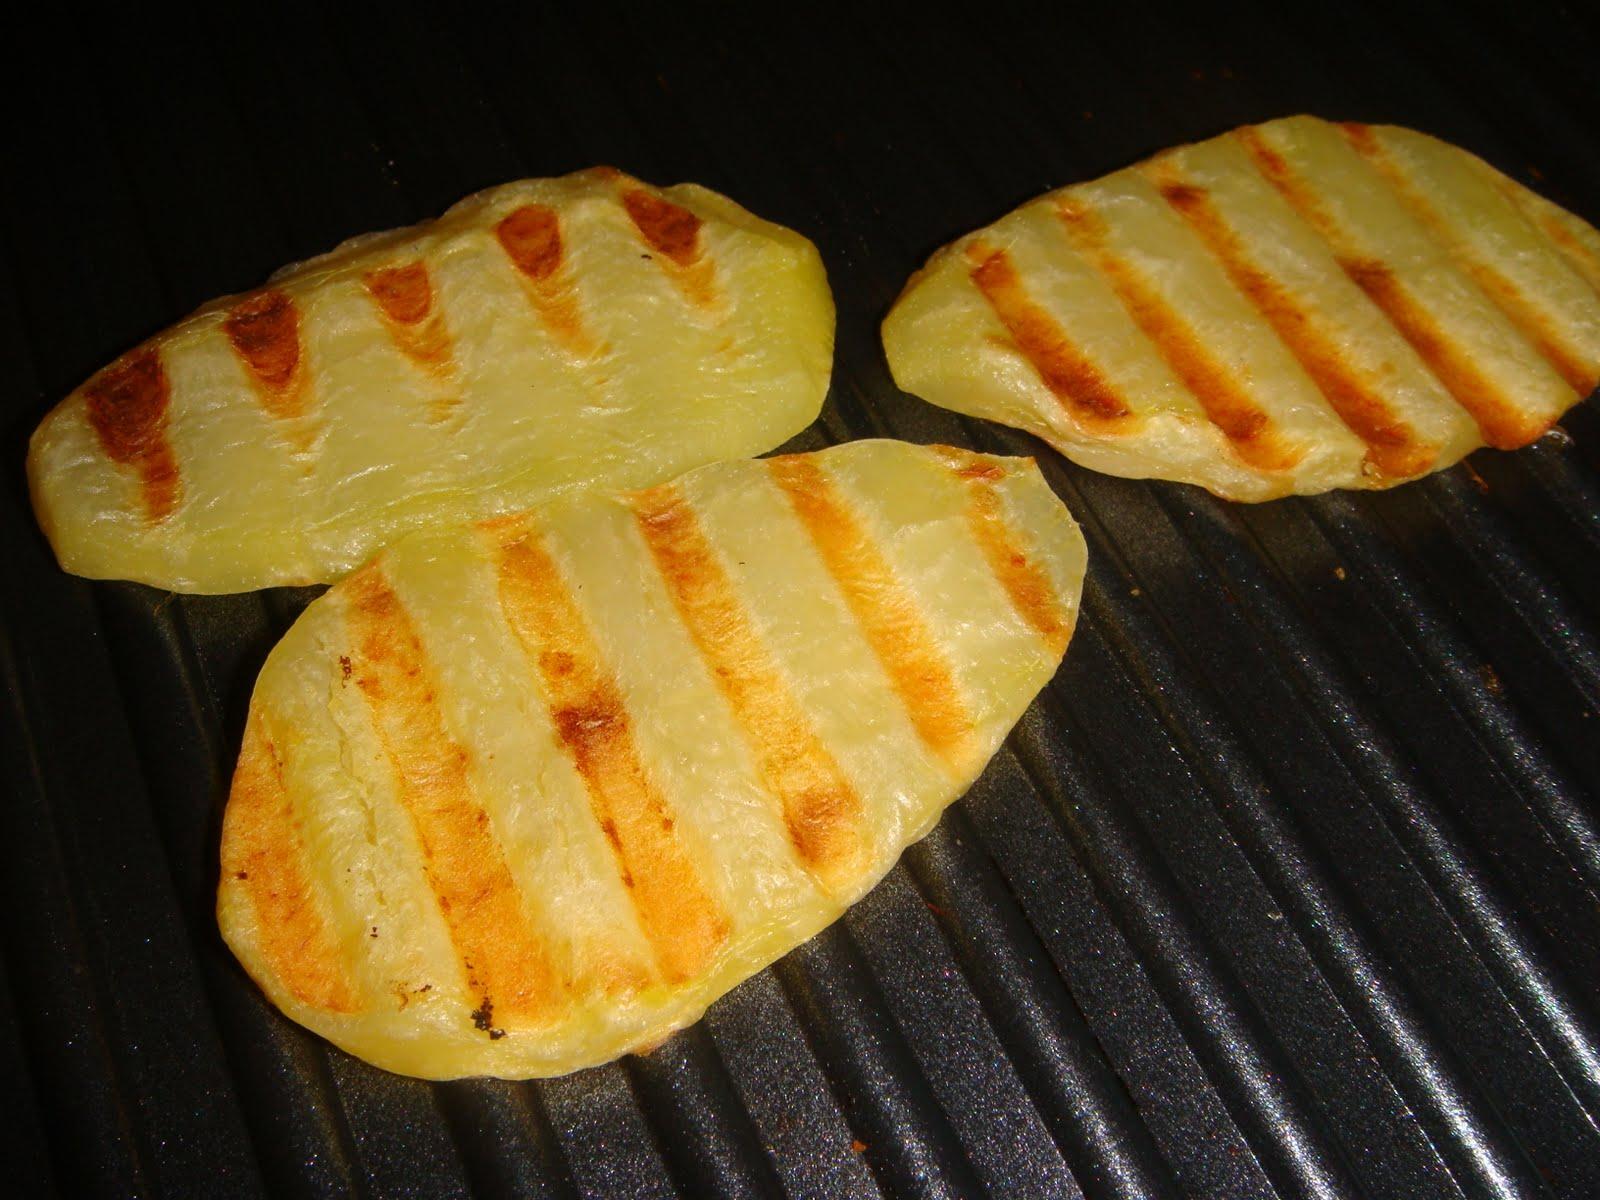 Dolcemente salato patate grigliate for Patate dolci americane